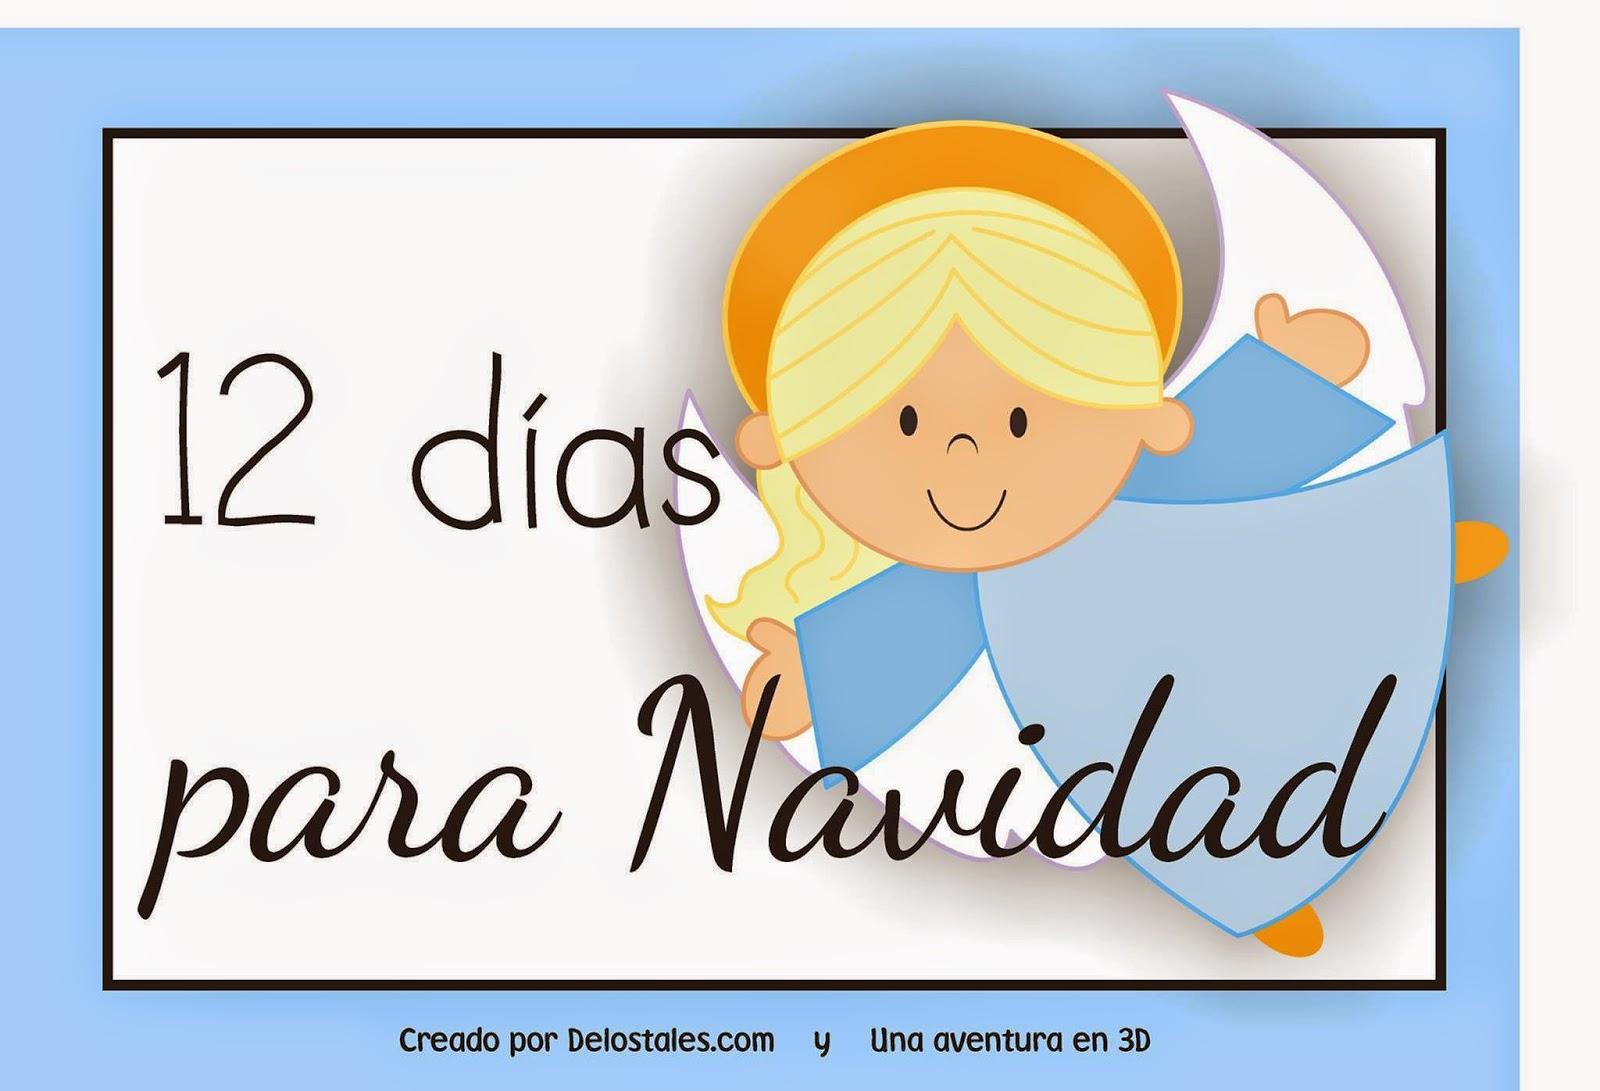 http://unaaventura3d.blogspot.com/2014/12/12-dias-para-navidad-yo-me-llamo.html